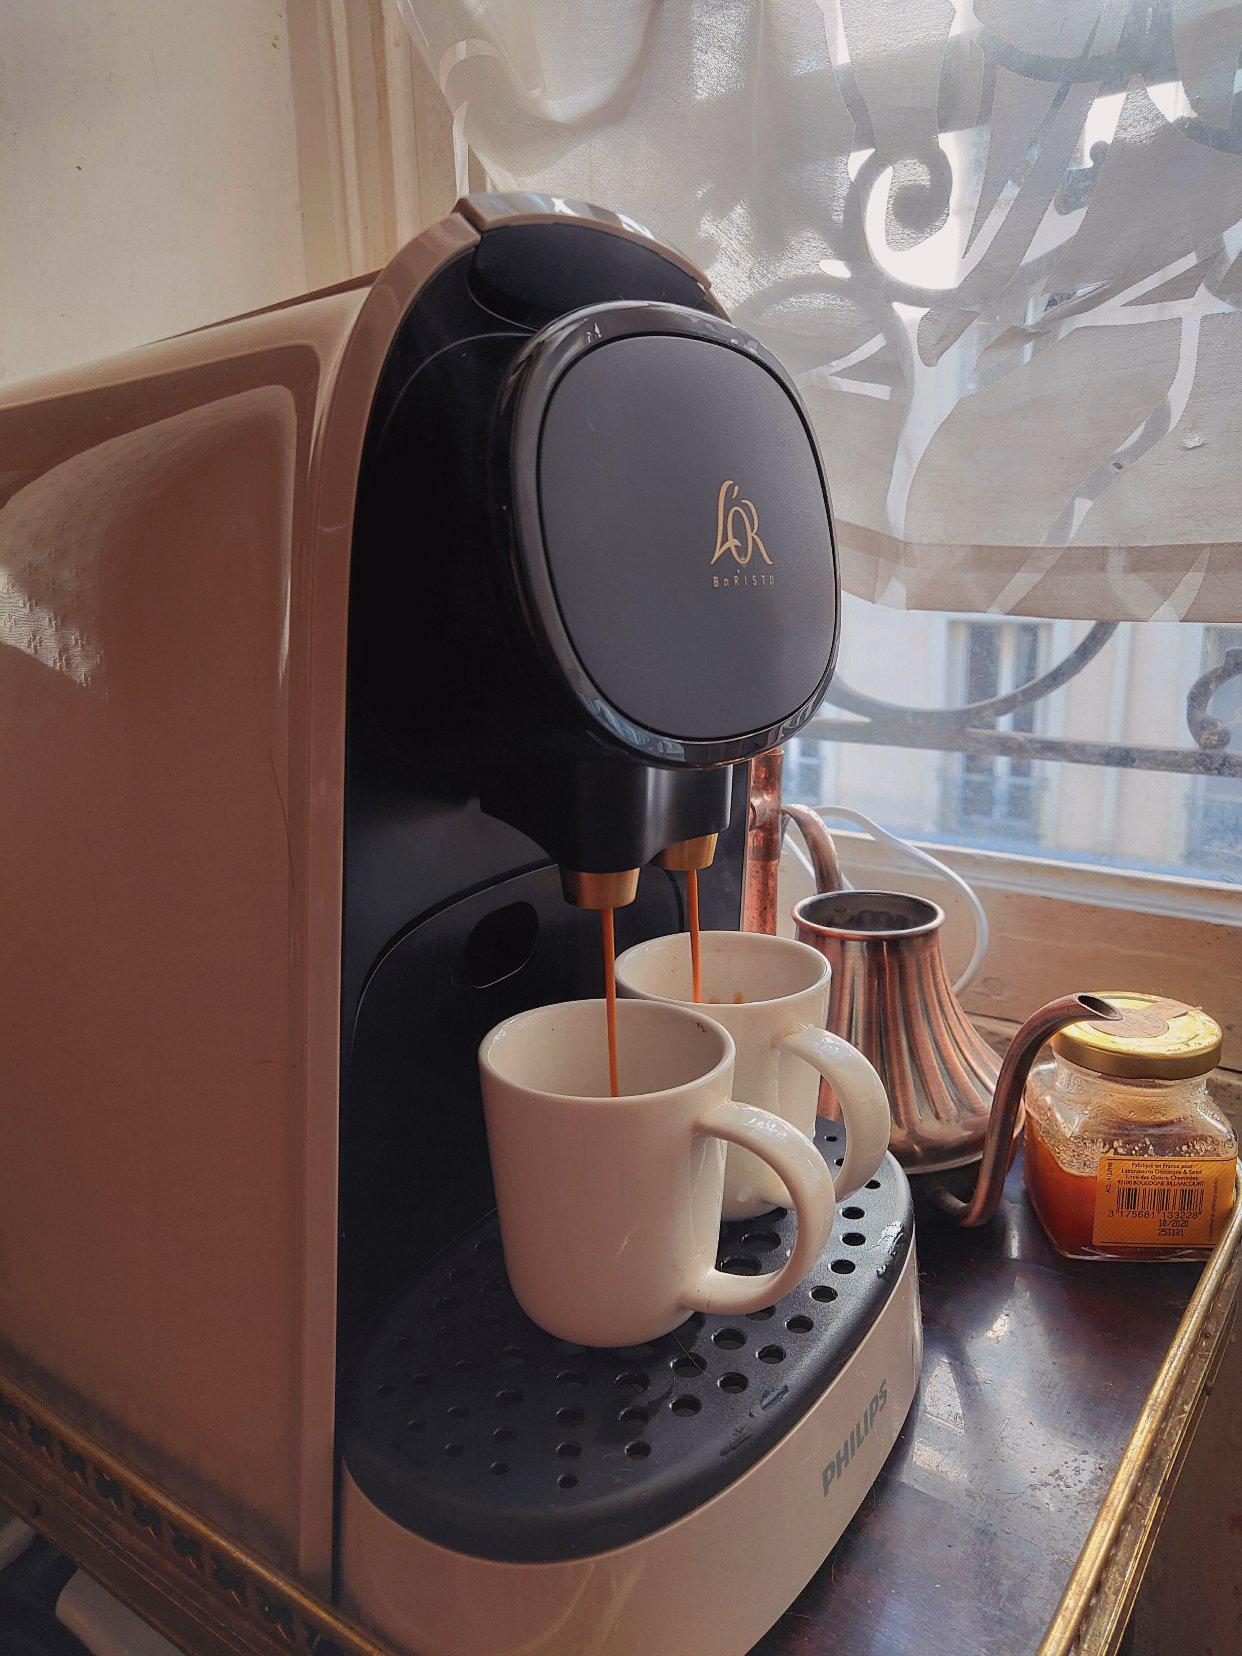 新咖啡机收到 也太帅了吧我窒息了!